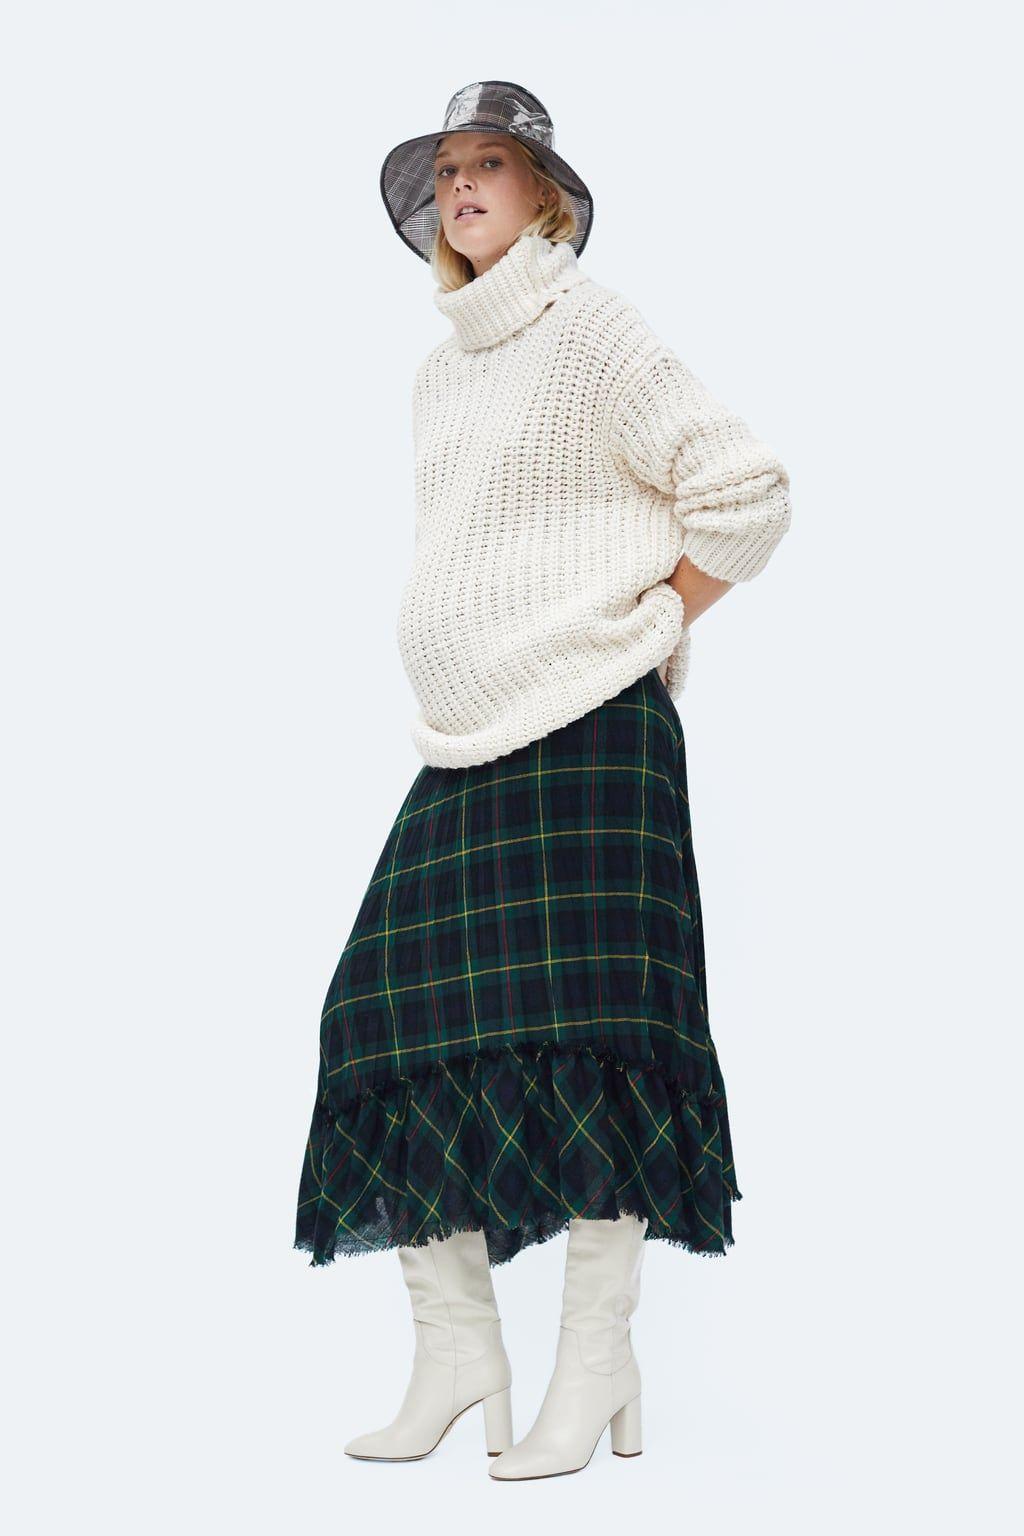 Zara premaman, lanciata la linea di abbigliamento maternity